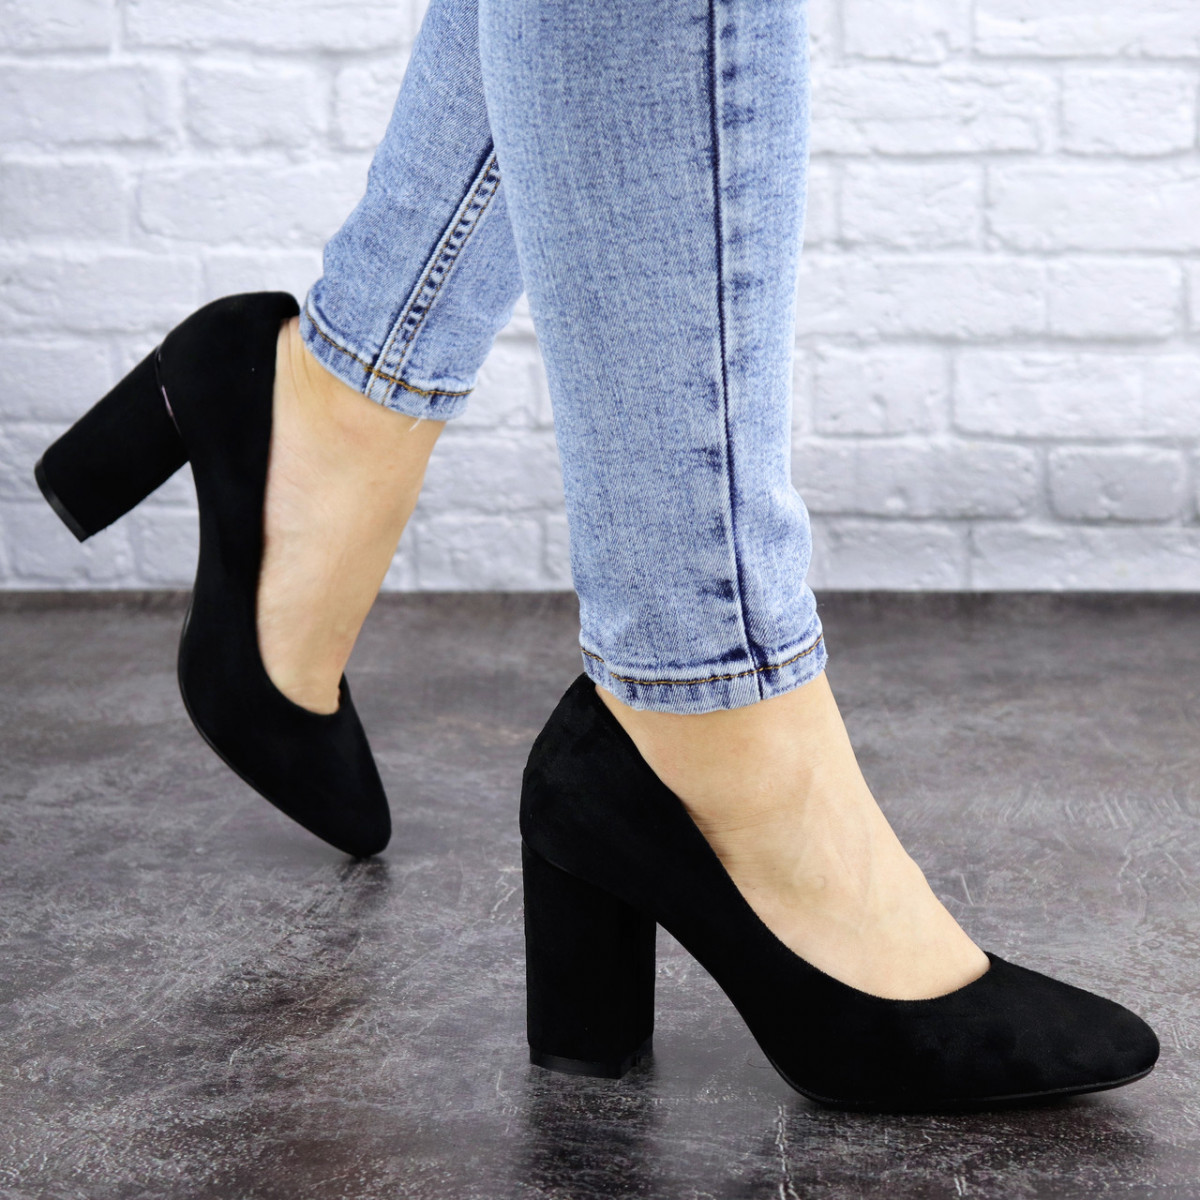 Туфли женские на каблуке черные Beans 2114 (36 размер)